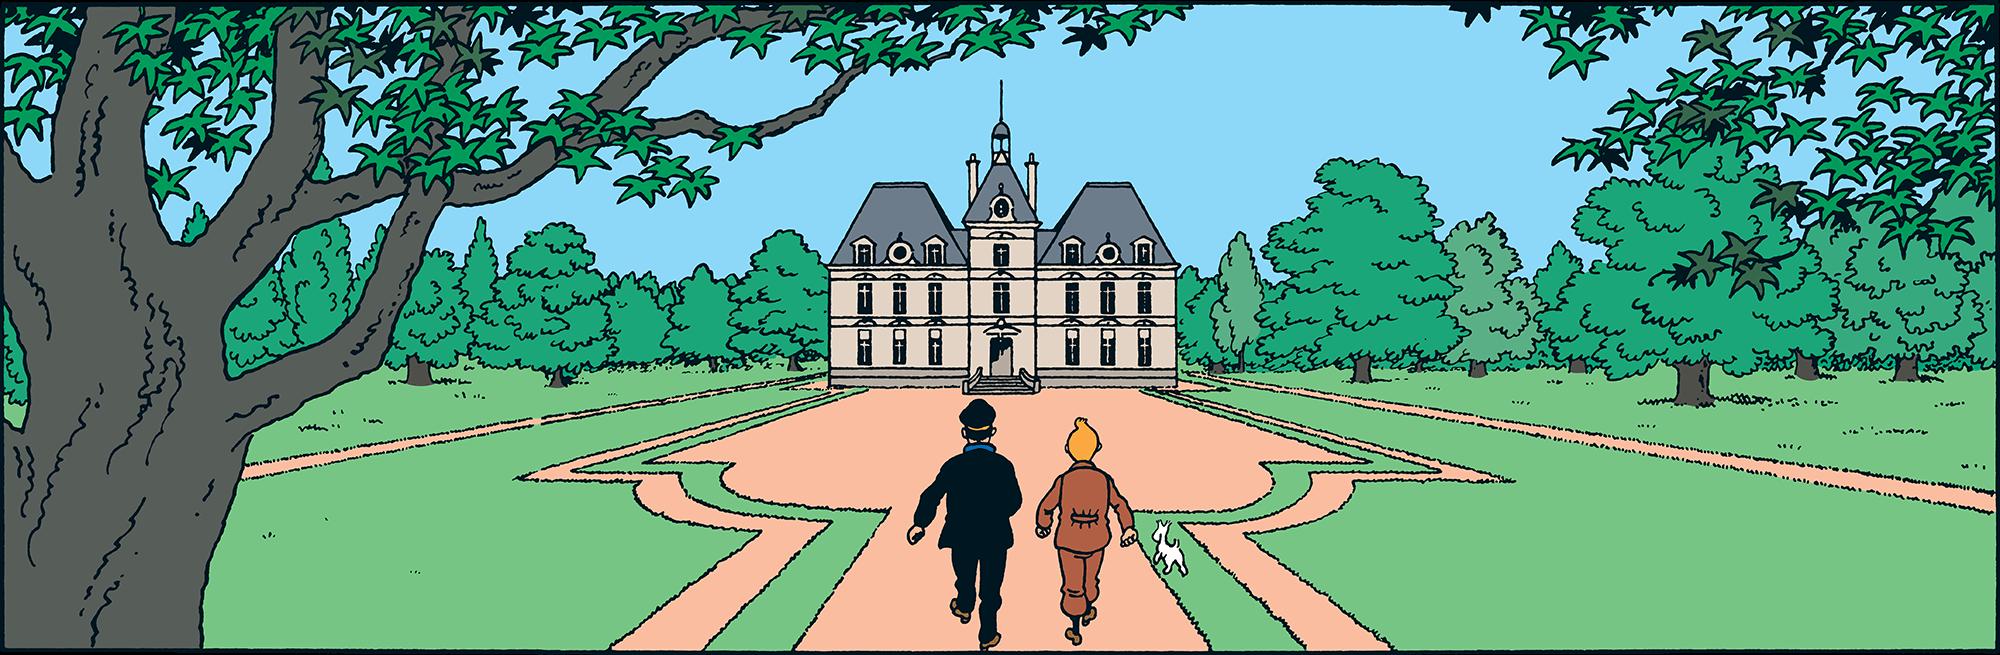 Tintin et Haddock devant Le Chateau de Moulinsart la résidence du capitaine Haddock dans Le Trésor de Rackham le Rouge -